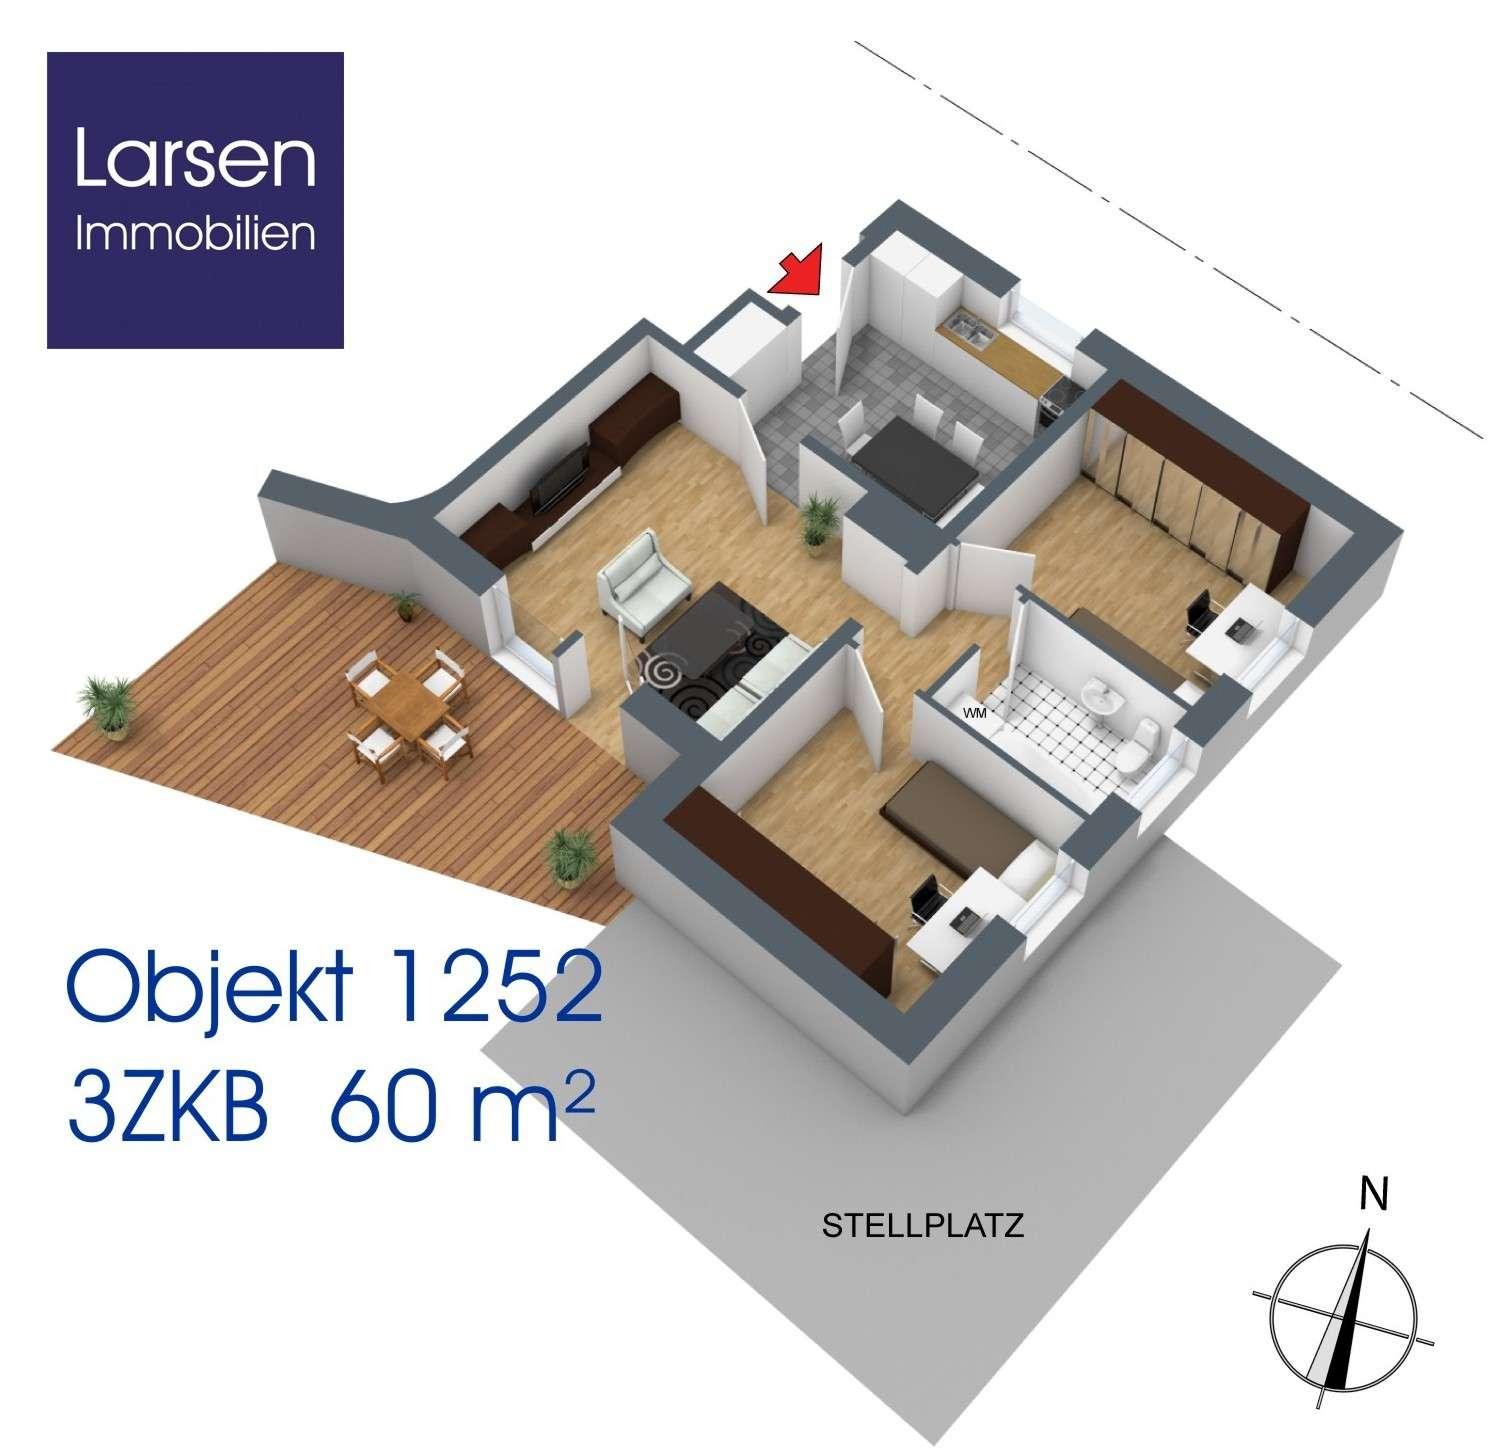 Attraktive 3-Zi-Wohnung in Reinhausen - hochwertig möbliert in